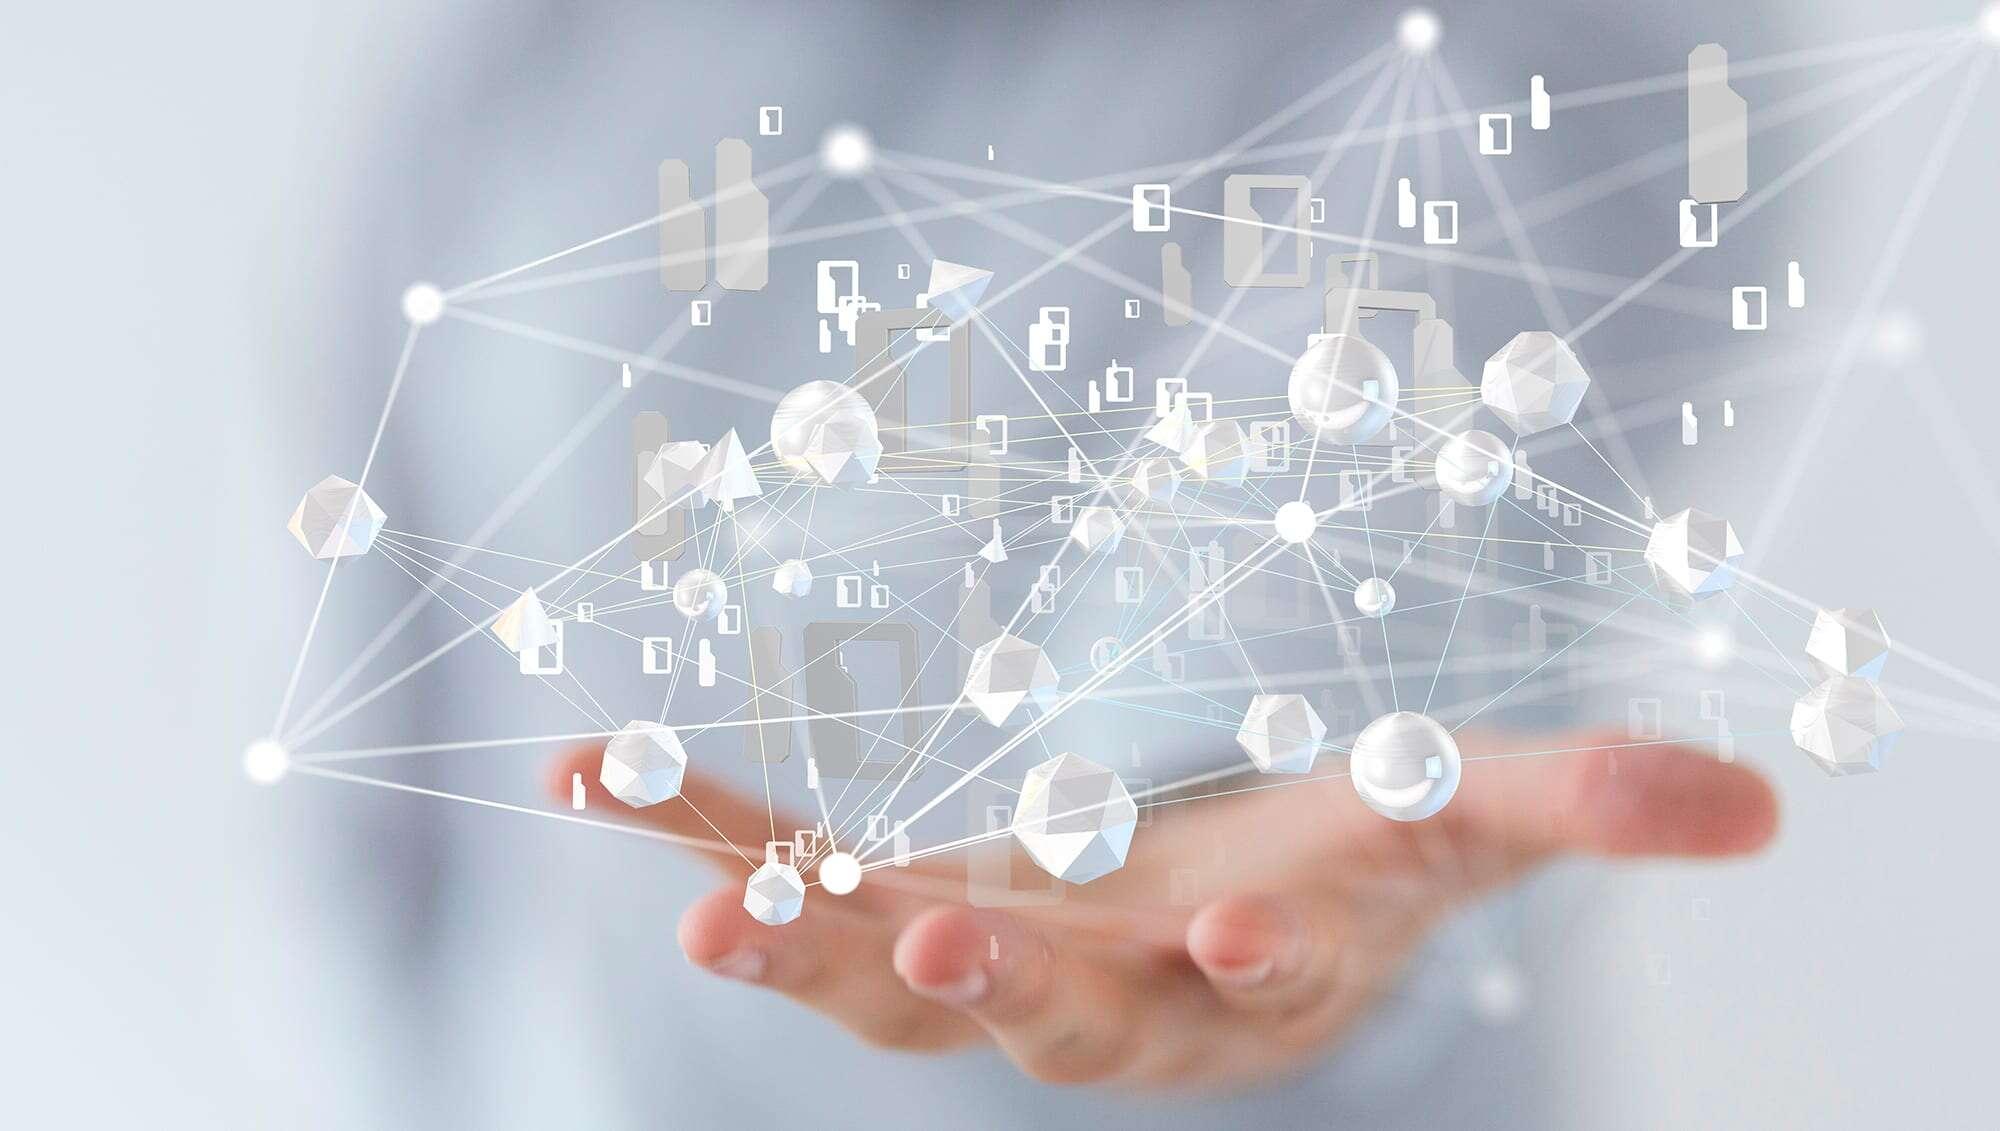 大数据+汽配 建立全新汽配营销模式